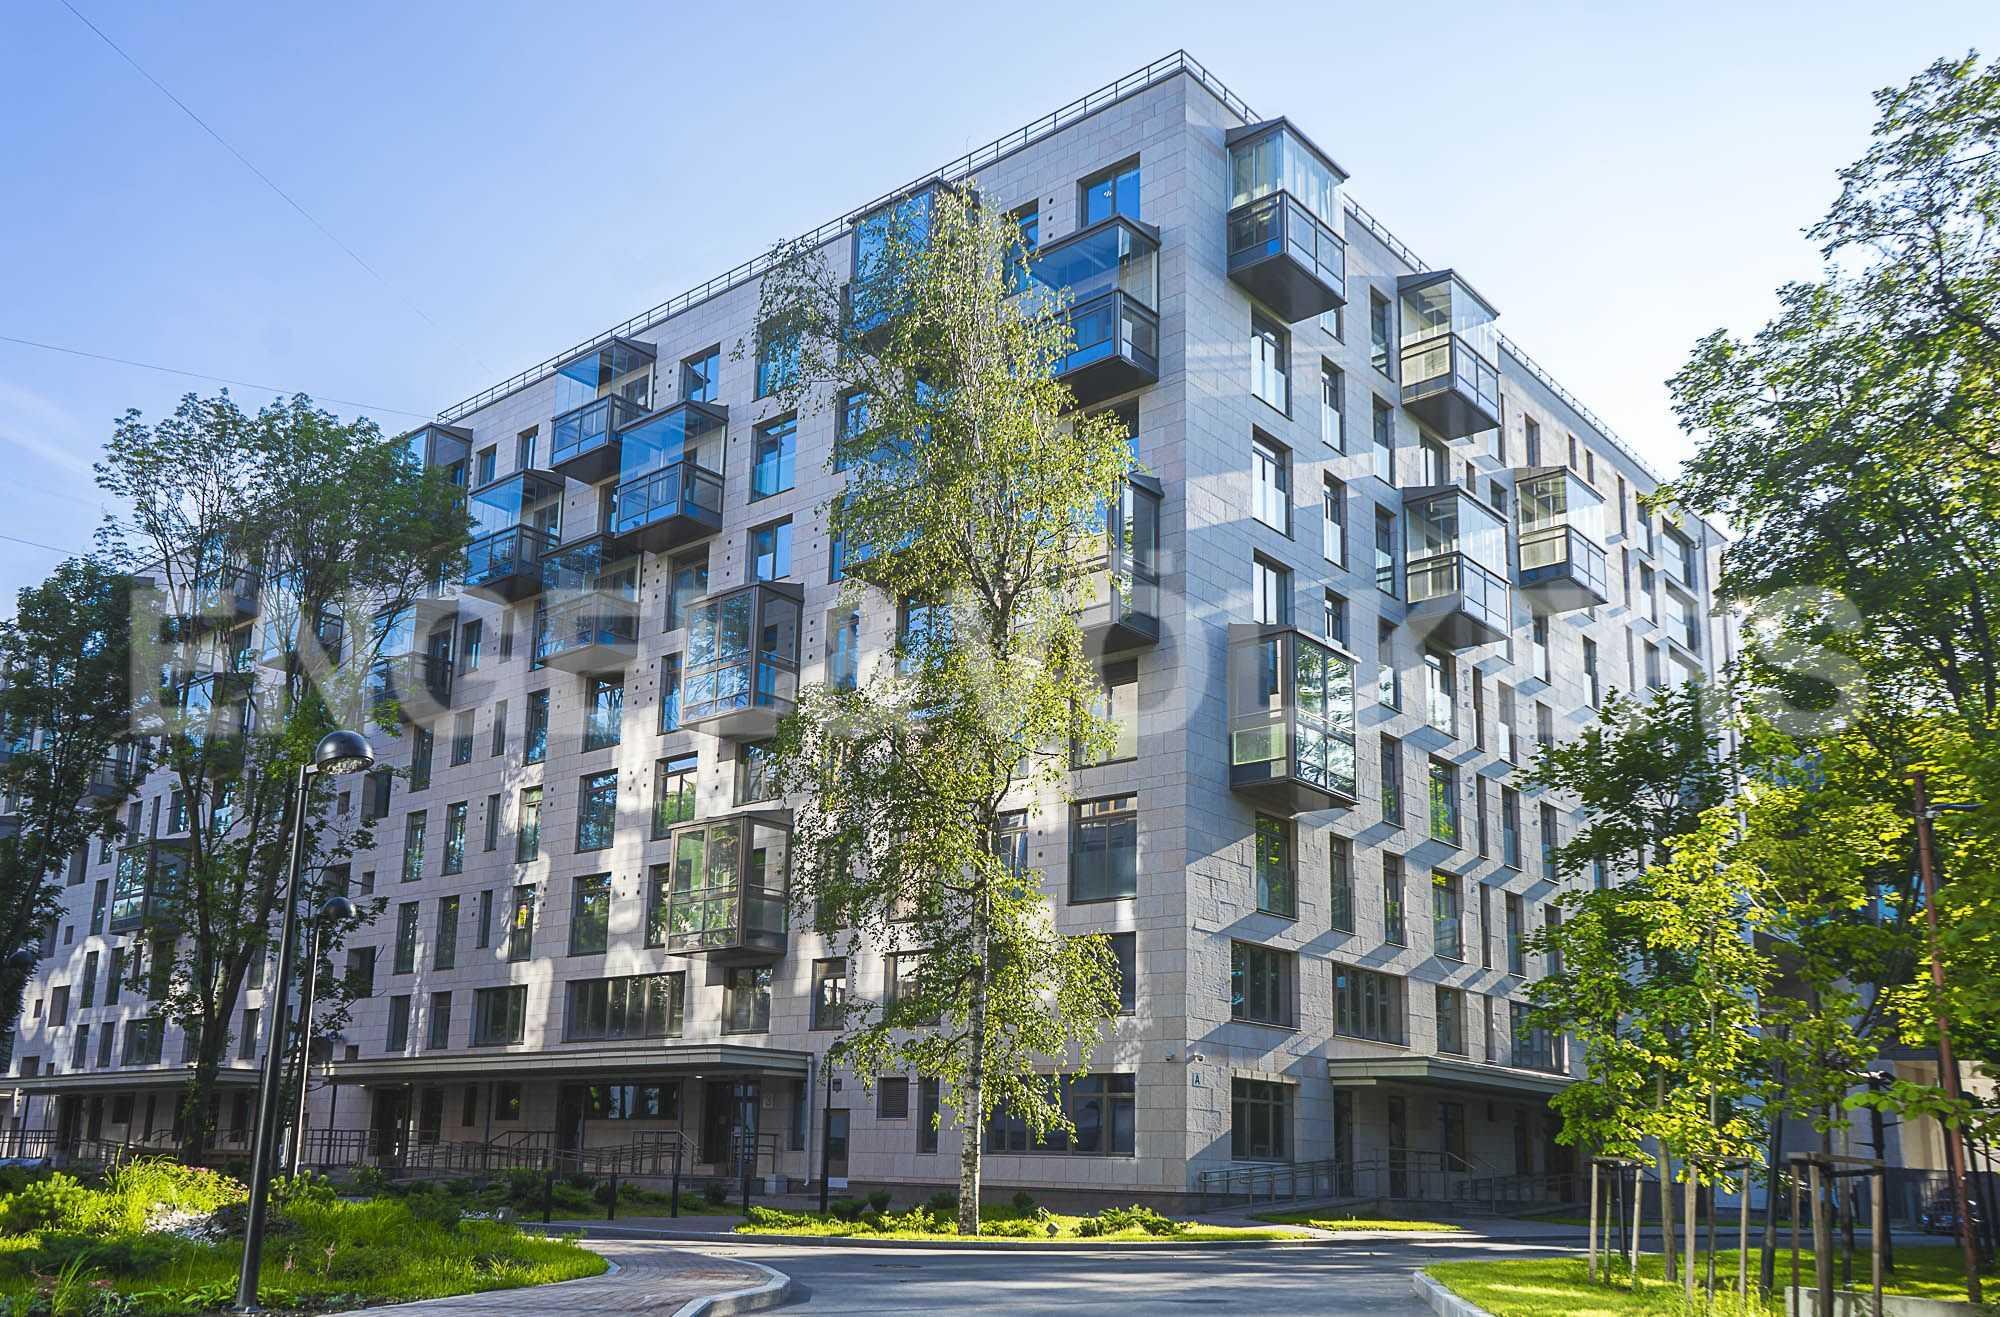 Элитные квартиры в Центральном районе. Санкт-Петербург, ул.Смольного, 4. Фасад дома